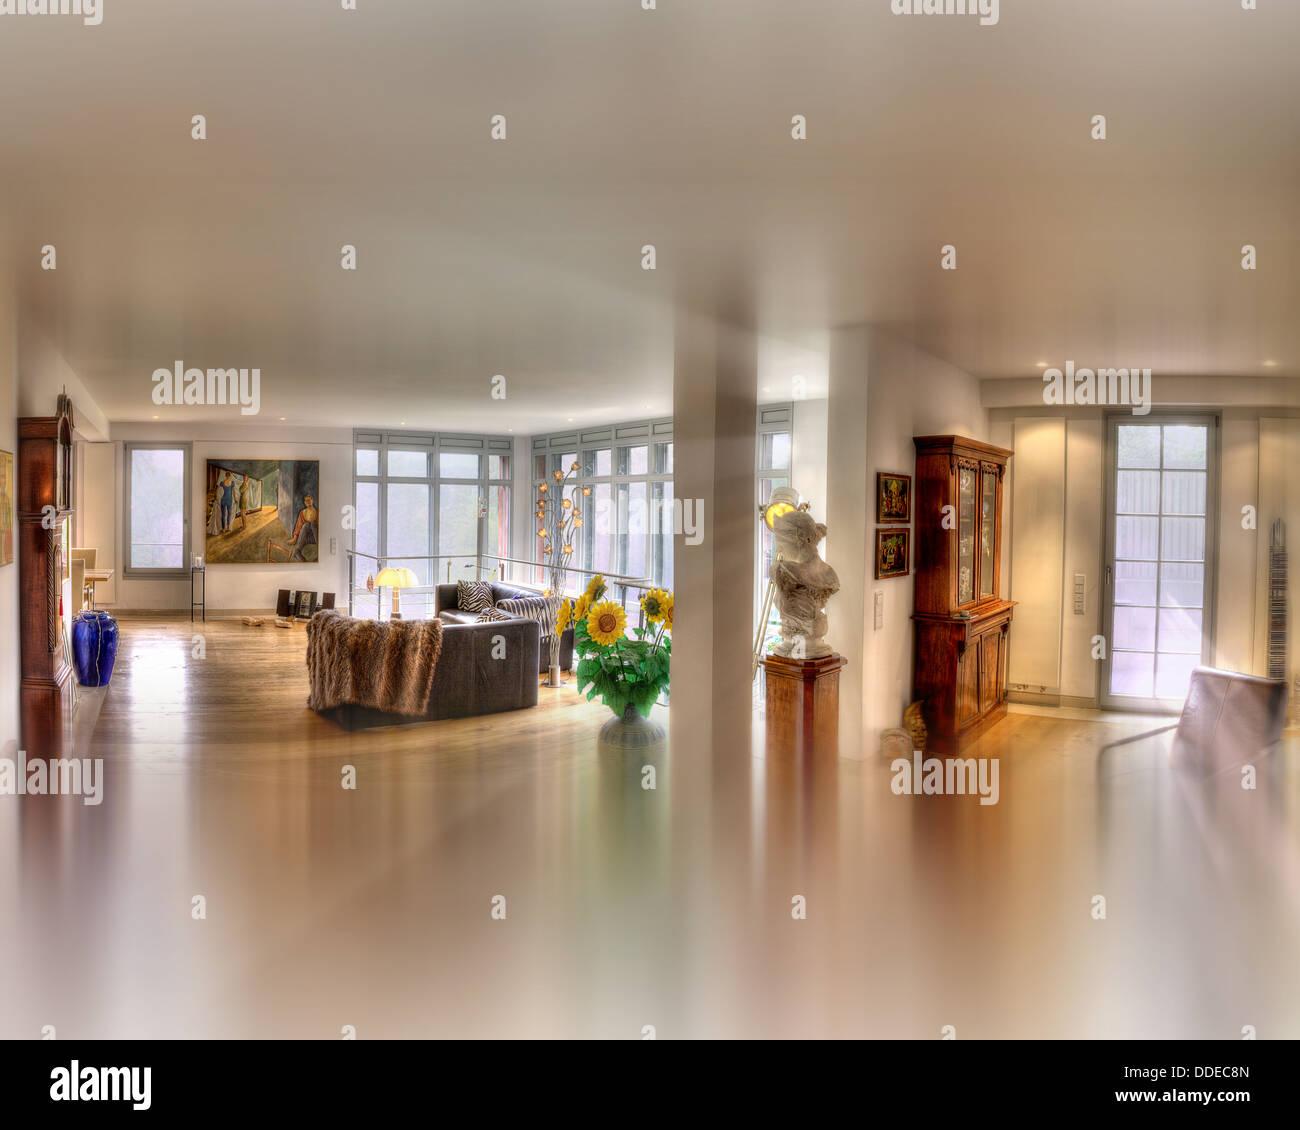 Architettura contemporanea: livingroom impostazione (immagine HDR) Immagini Stock